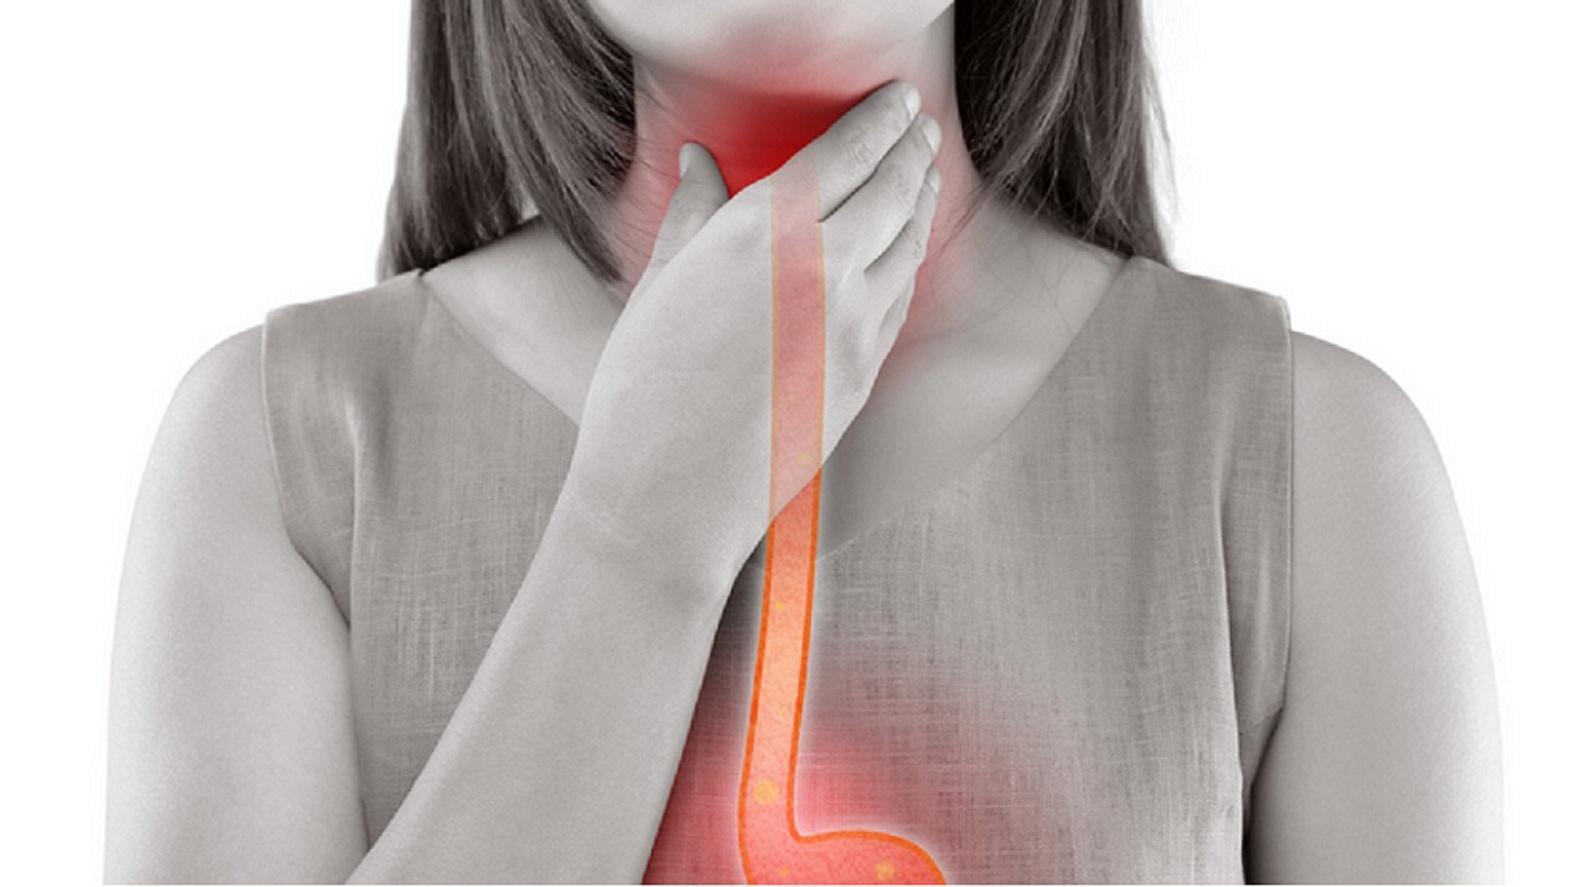 Eine akute Laryngitis zeigt sich meist in Form von Husten oder Heiserkeit